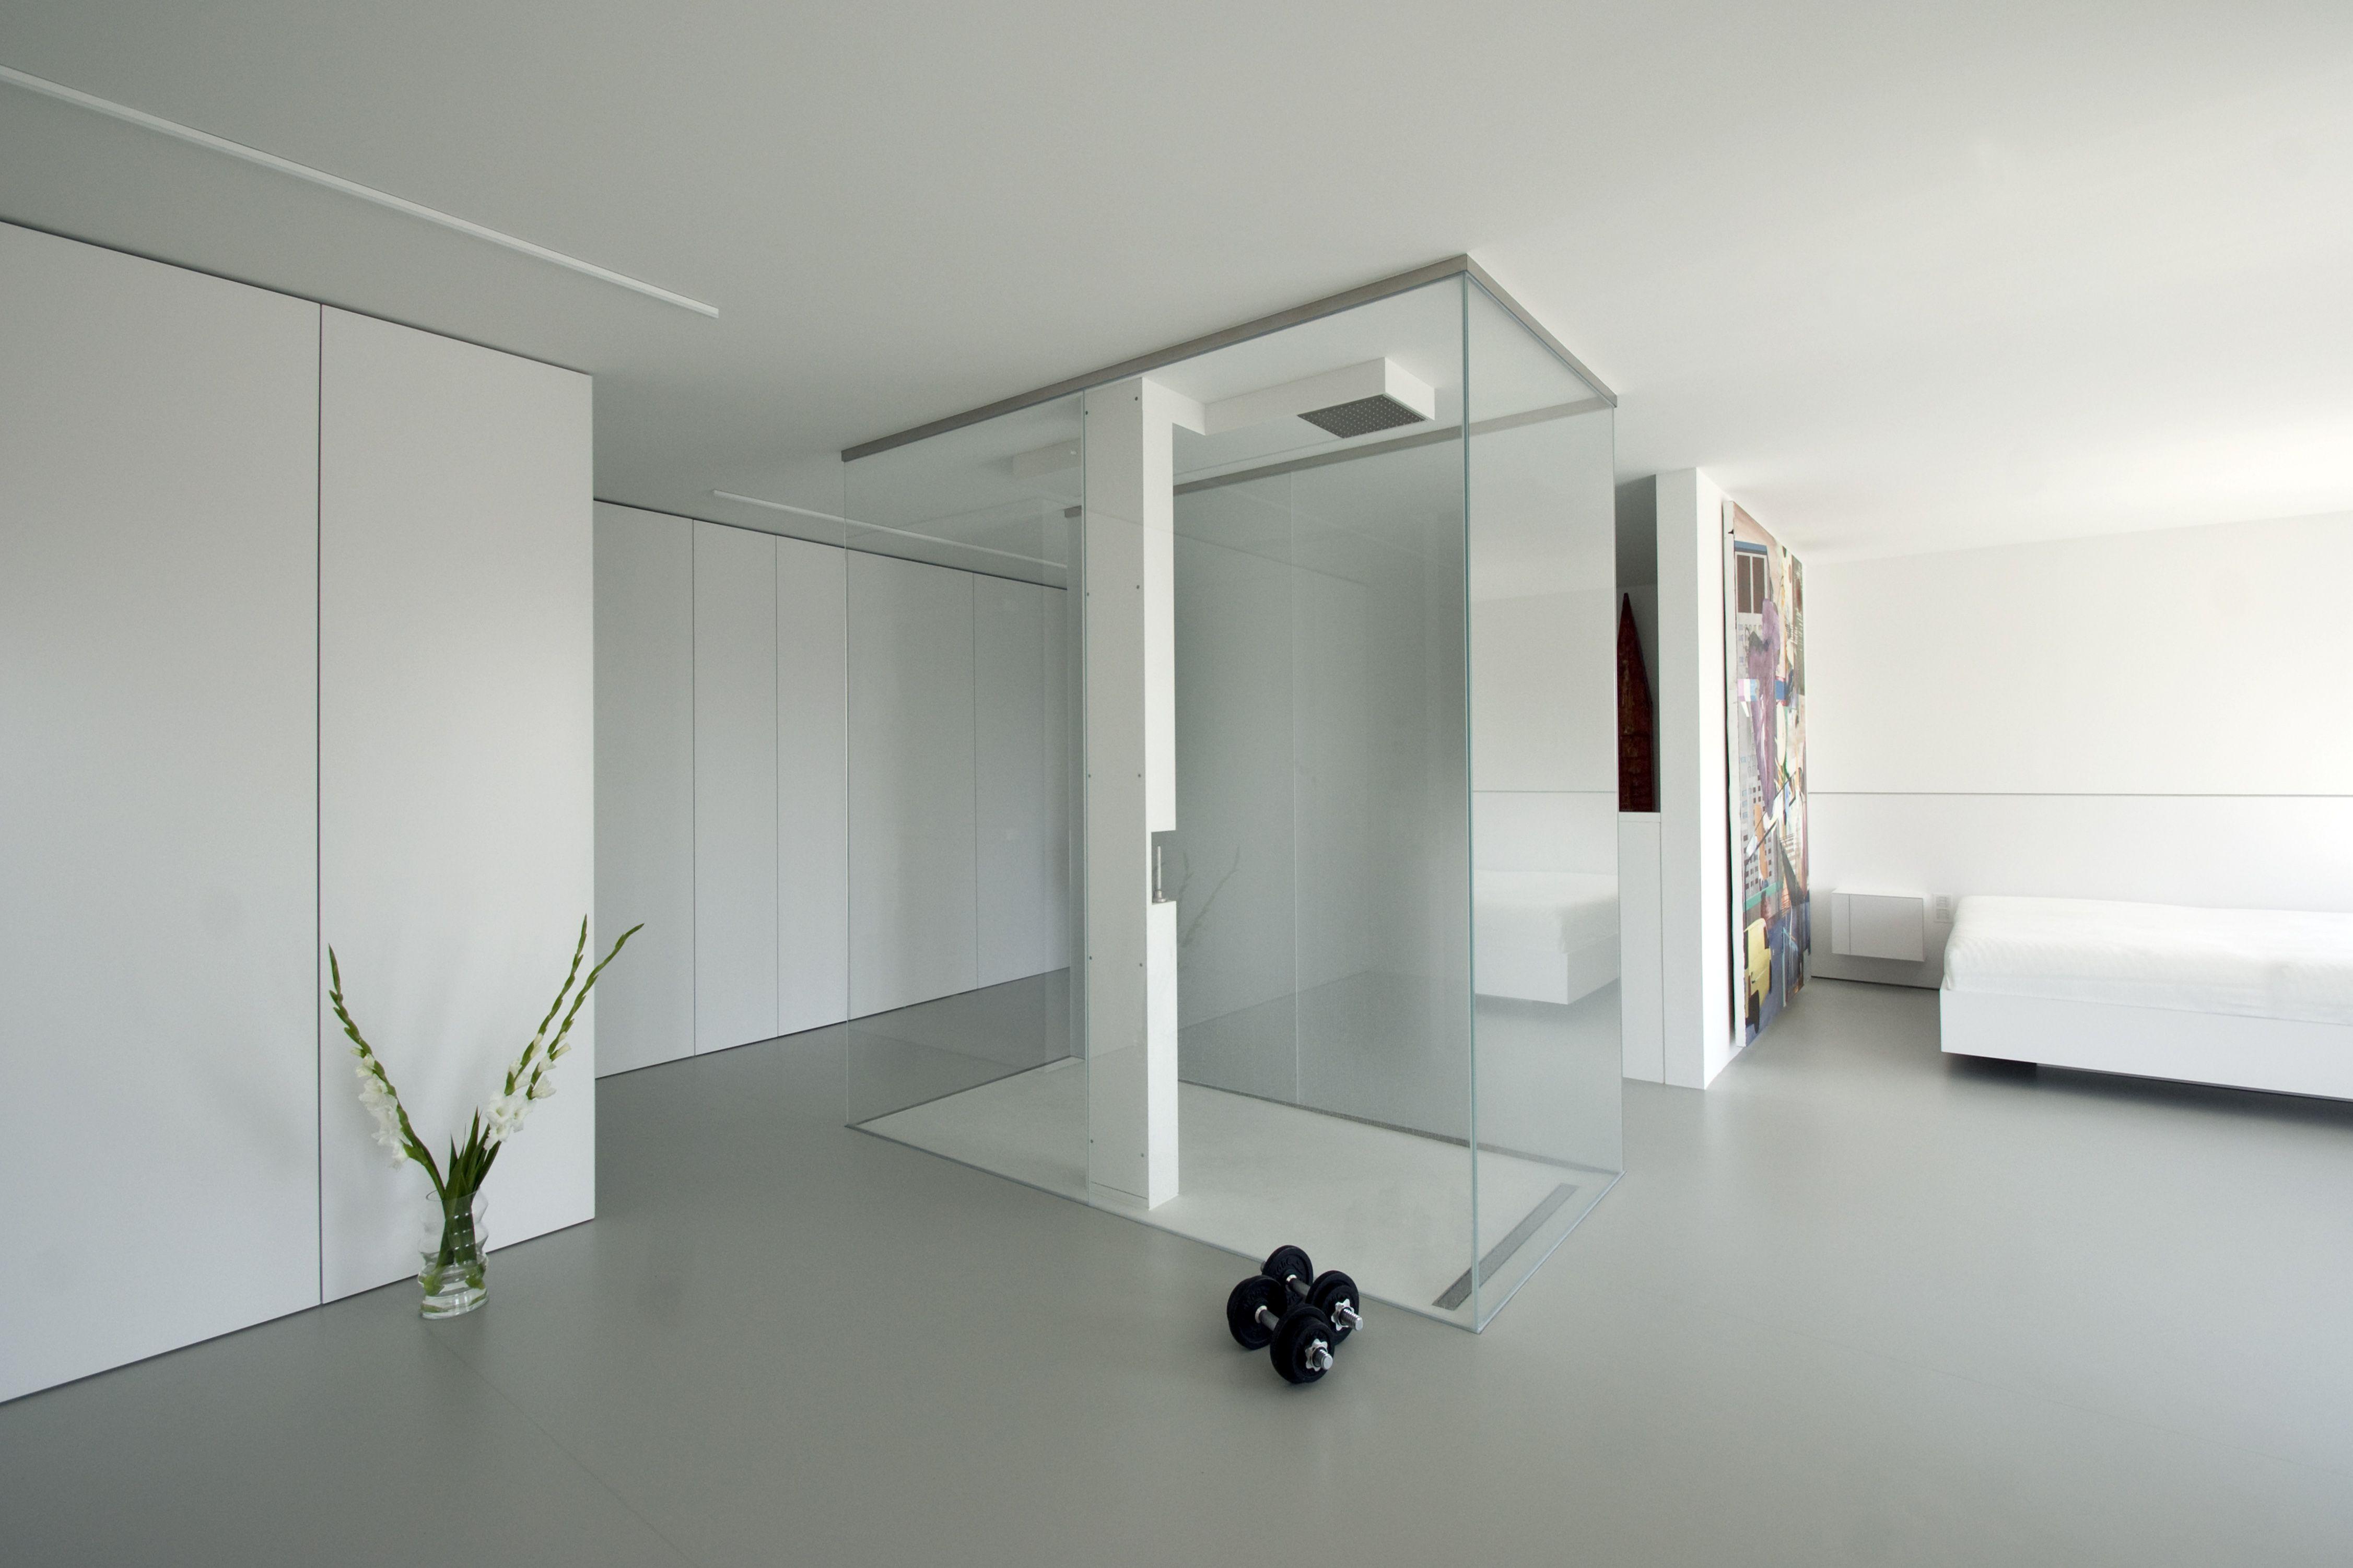 Wohnbereich Dusche Einbauschränke Schlafzimmer Weiß Lackierte - Einbauschranke schlafzimmer